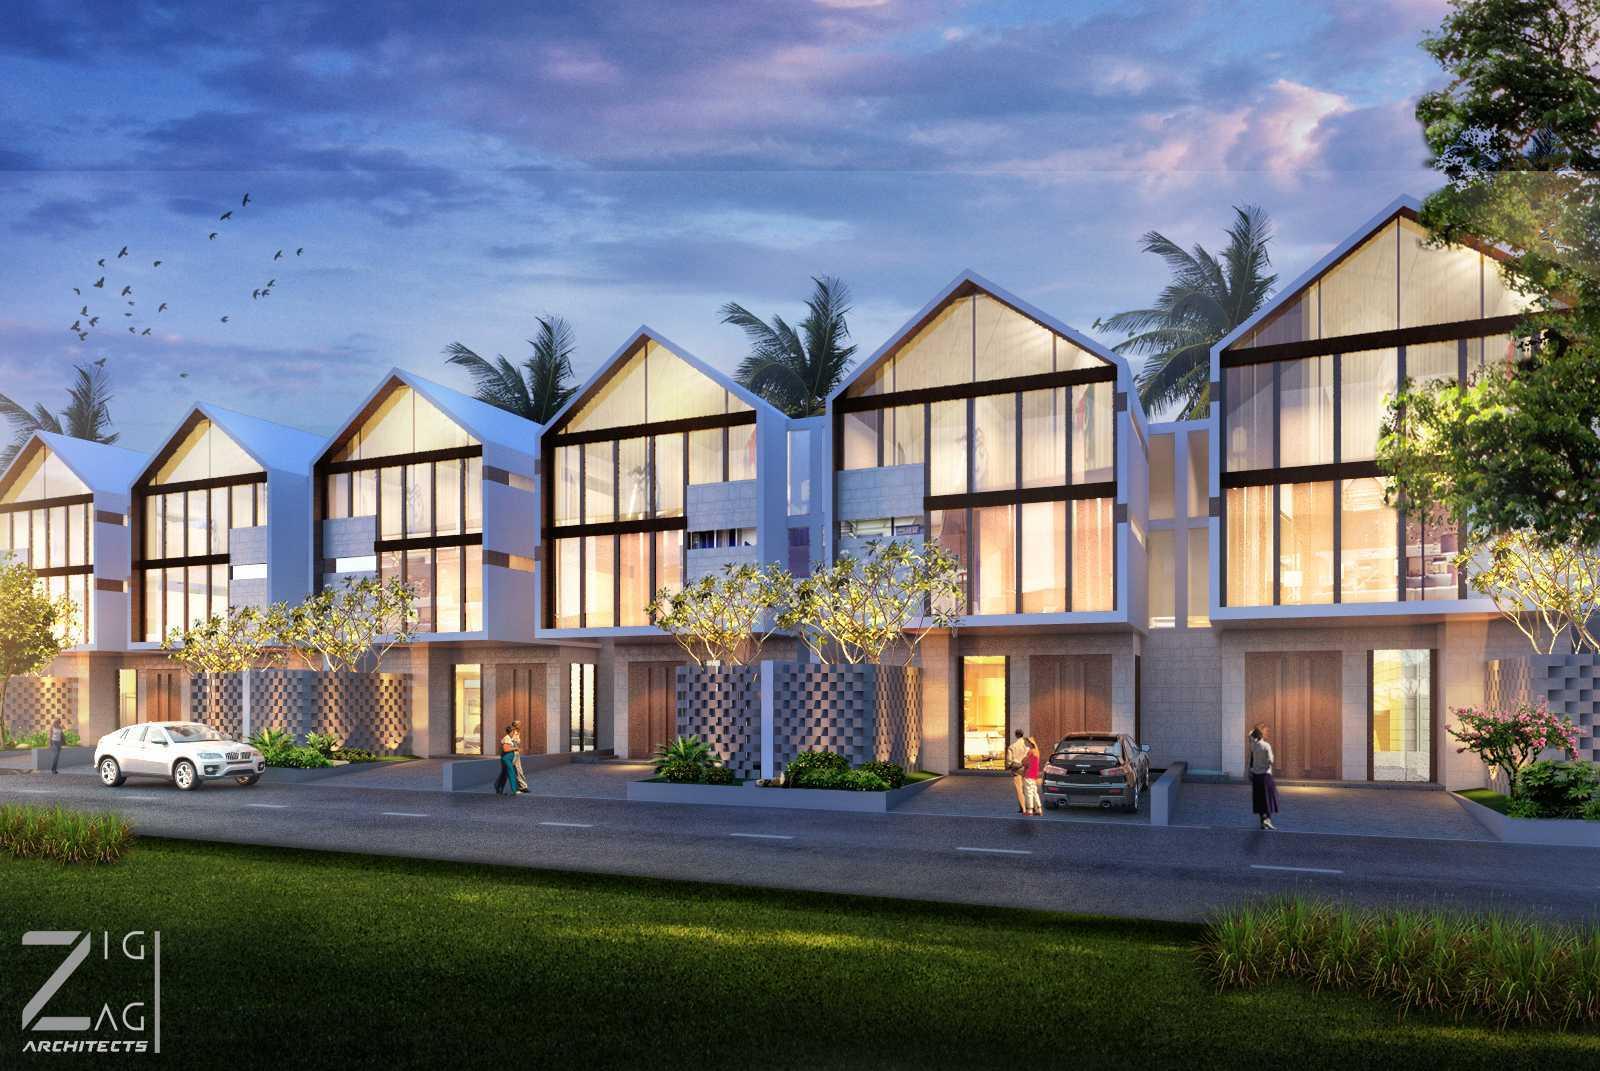 Zigzag Architecture Studio Mandala Estate Ubud, Kabupaten Gianyar, Bali, Indonesia Ubud, Kabupaten Gianyar, Bali, Indonesia Zigzag-Architecture-Studio-Mandala-Estate   56155